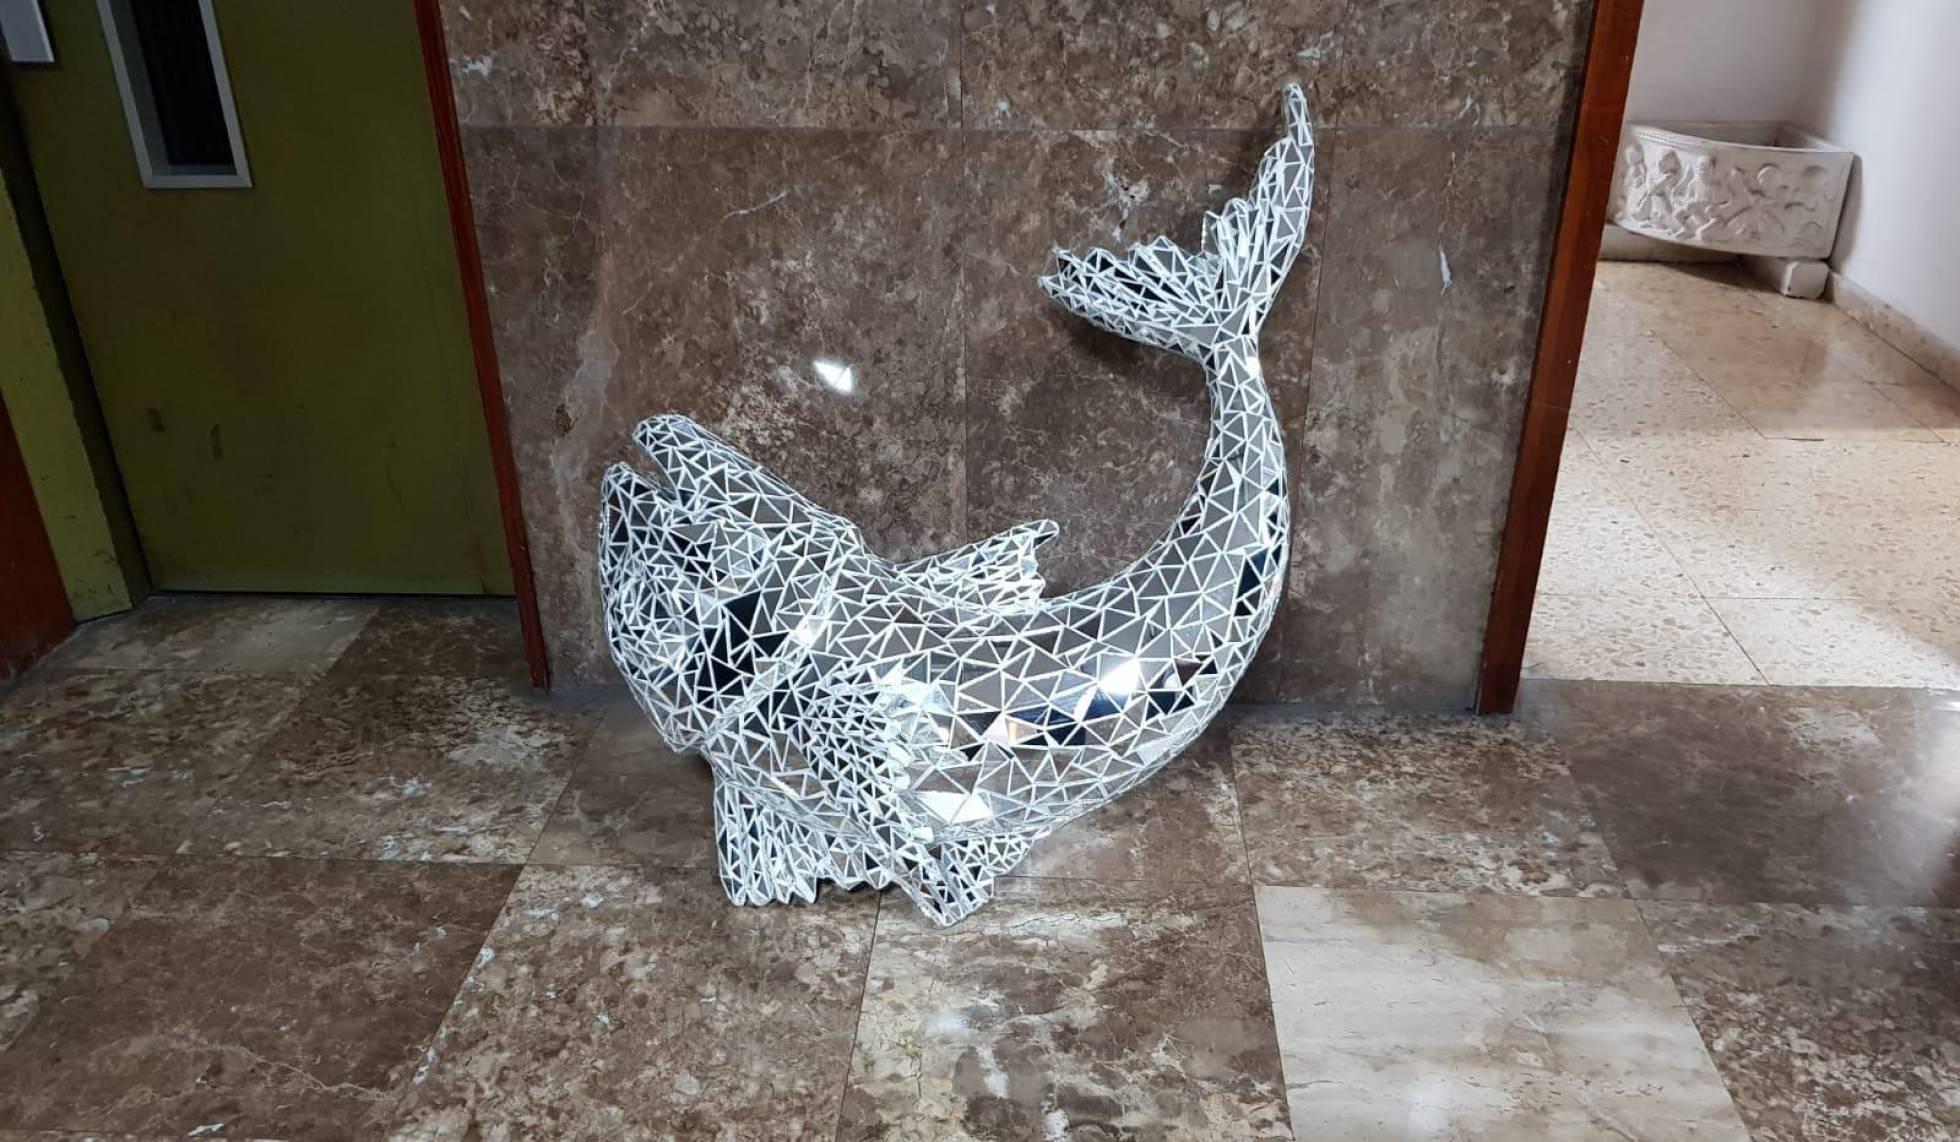 Вор украл скульптуру на Тенерифе и вернул ее четыре дня спустя